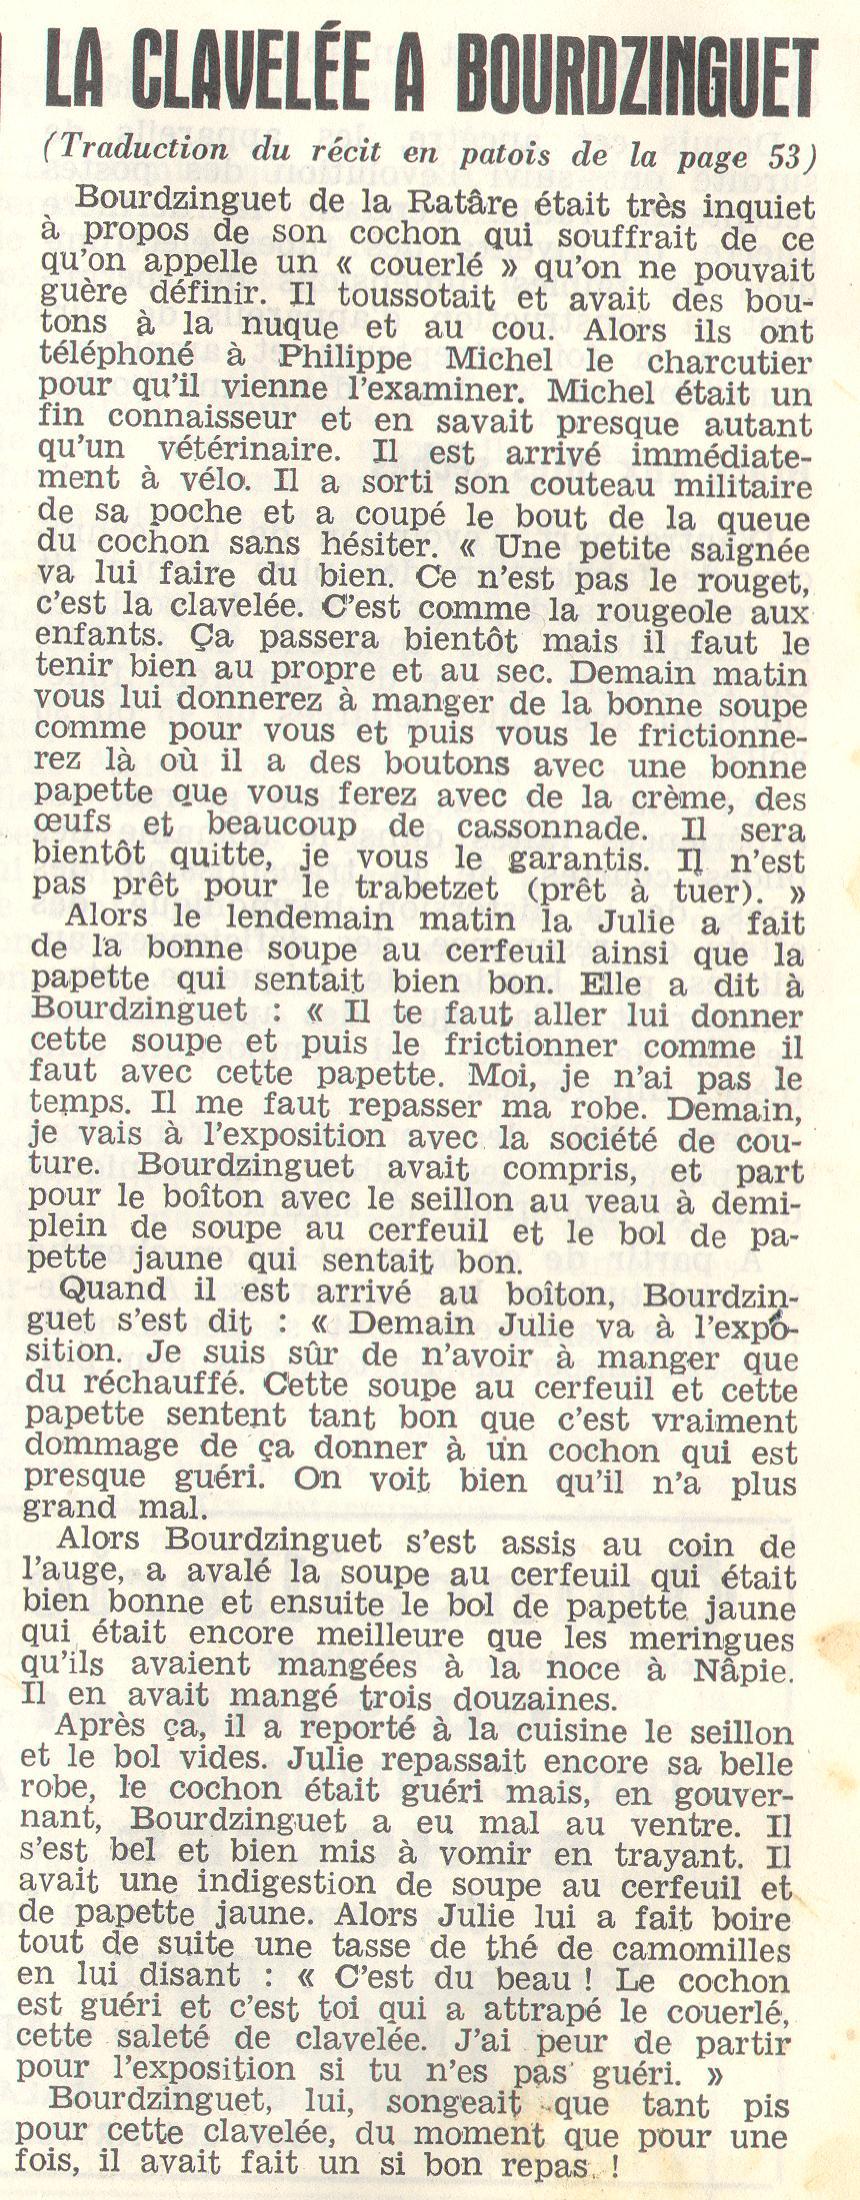 La clliavalare a Bourdzinguet Messager%20Boiteux-francais-1966